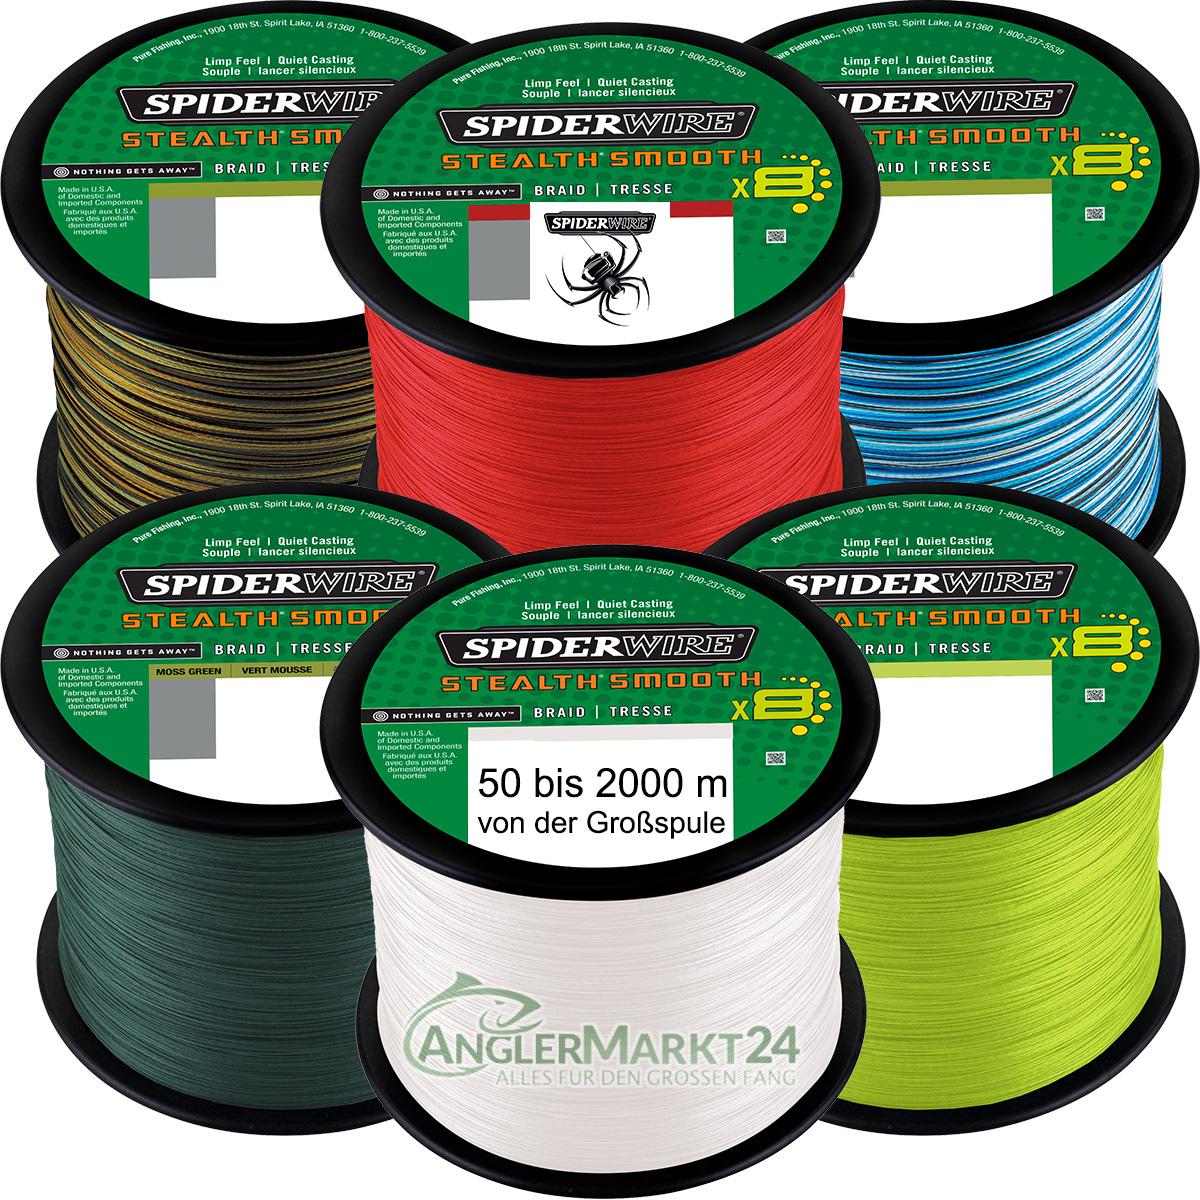 NEW Spiderwire Stealth SMOOTH 8 ab 50m alle Stärken & Farben